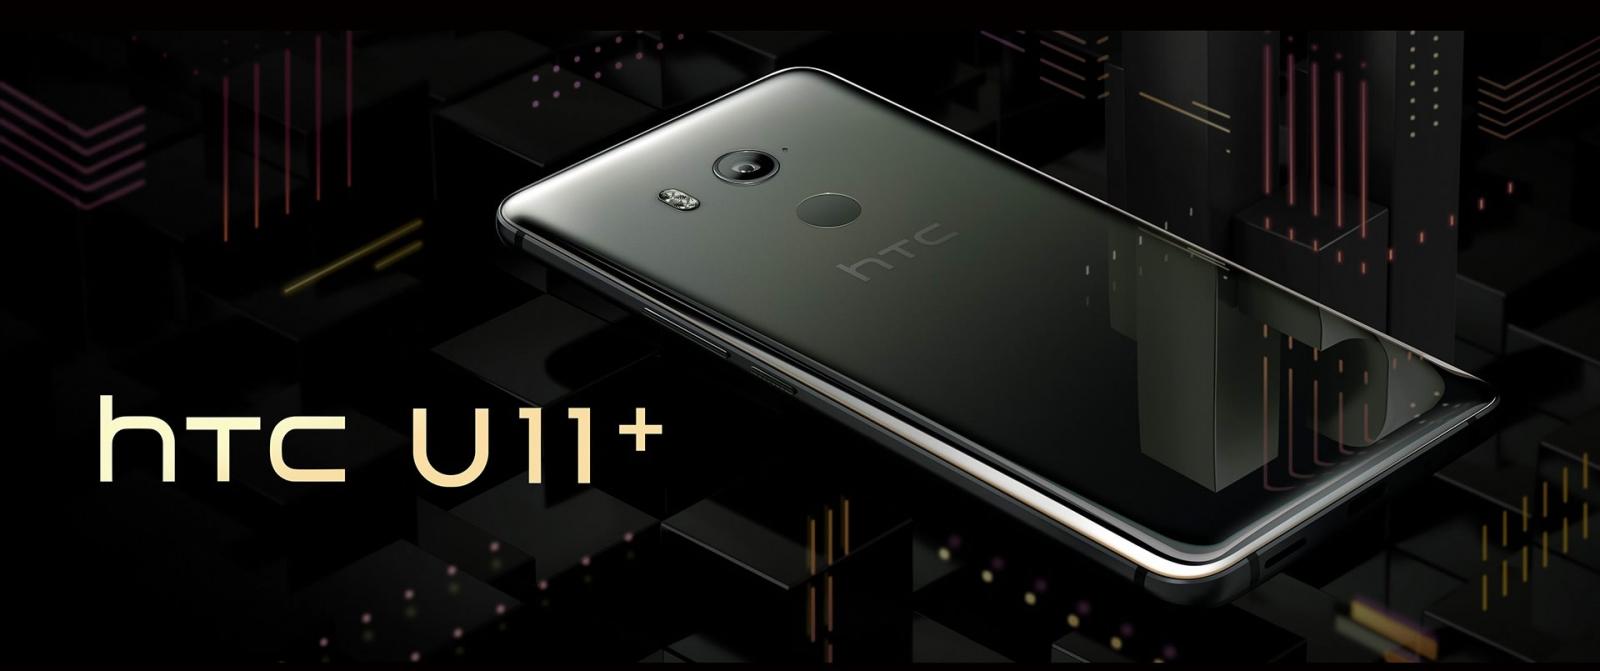 HTC U11+ 128G